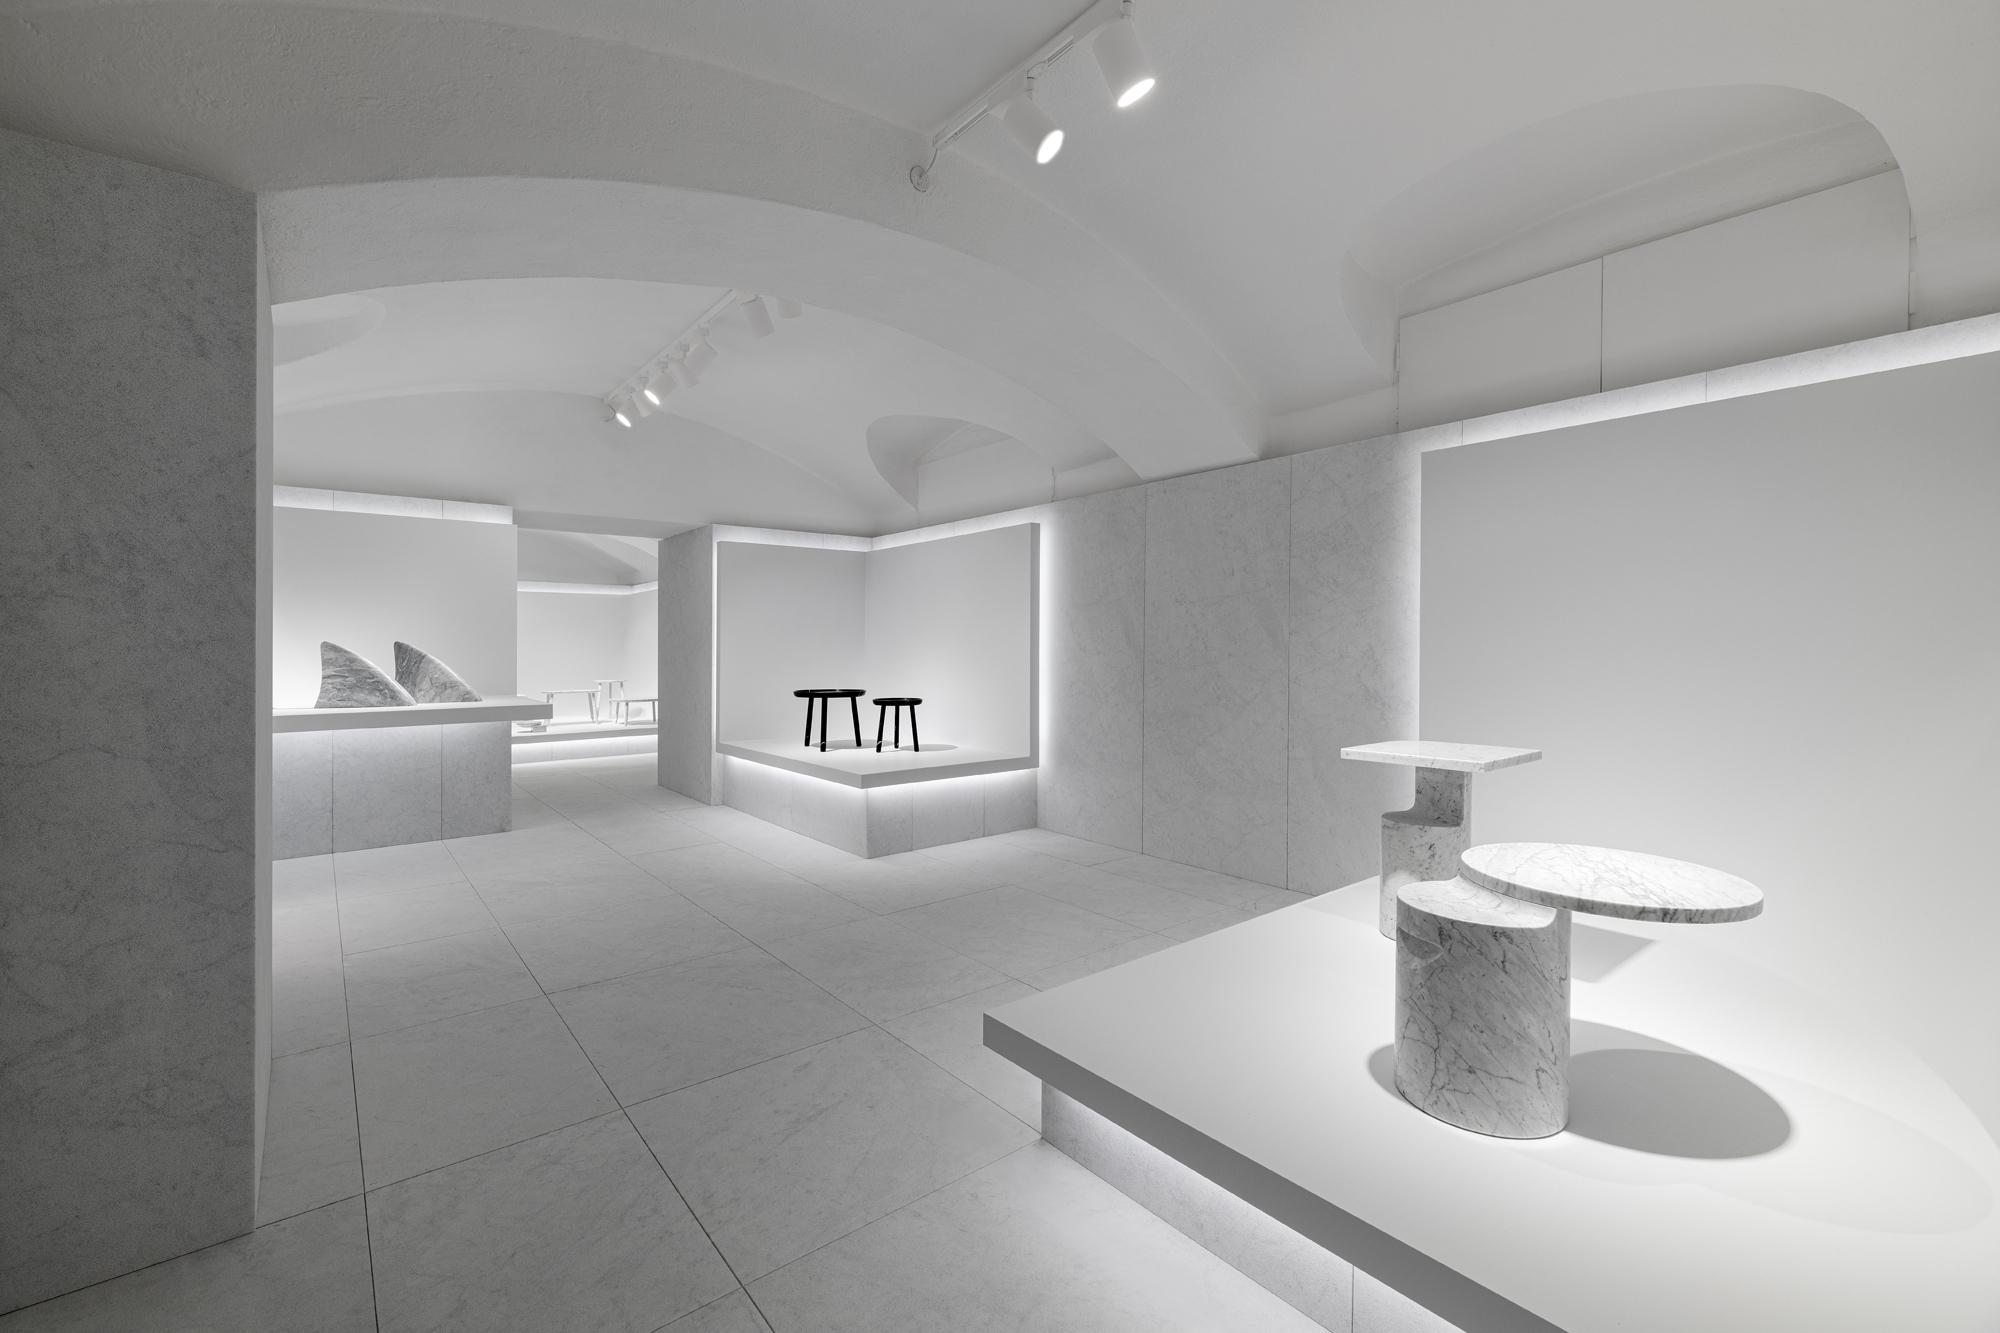 Marsotto Showroom am Largo Treves, entworfen von Oki Sato/Nendo. Foto: Hiroki Tagma